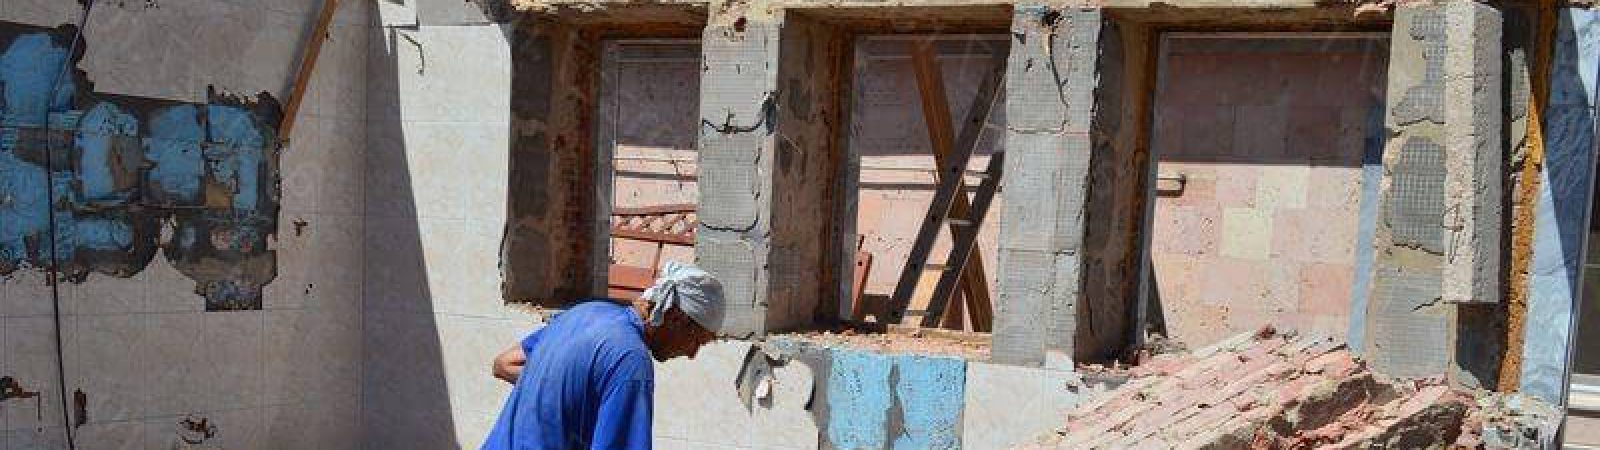 Надо ли разрешение на снос частного дома